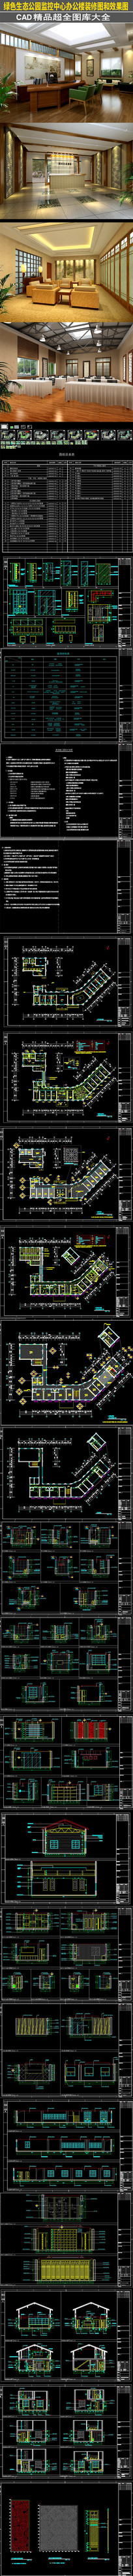 绿色生态公园监控中心办公楼装修图和效果图